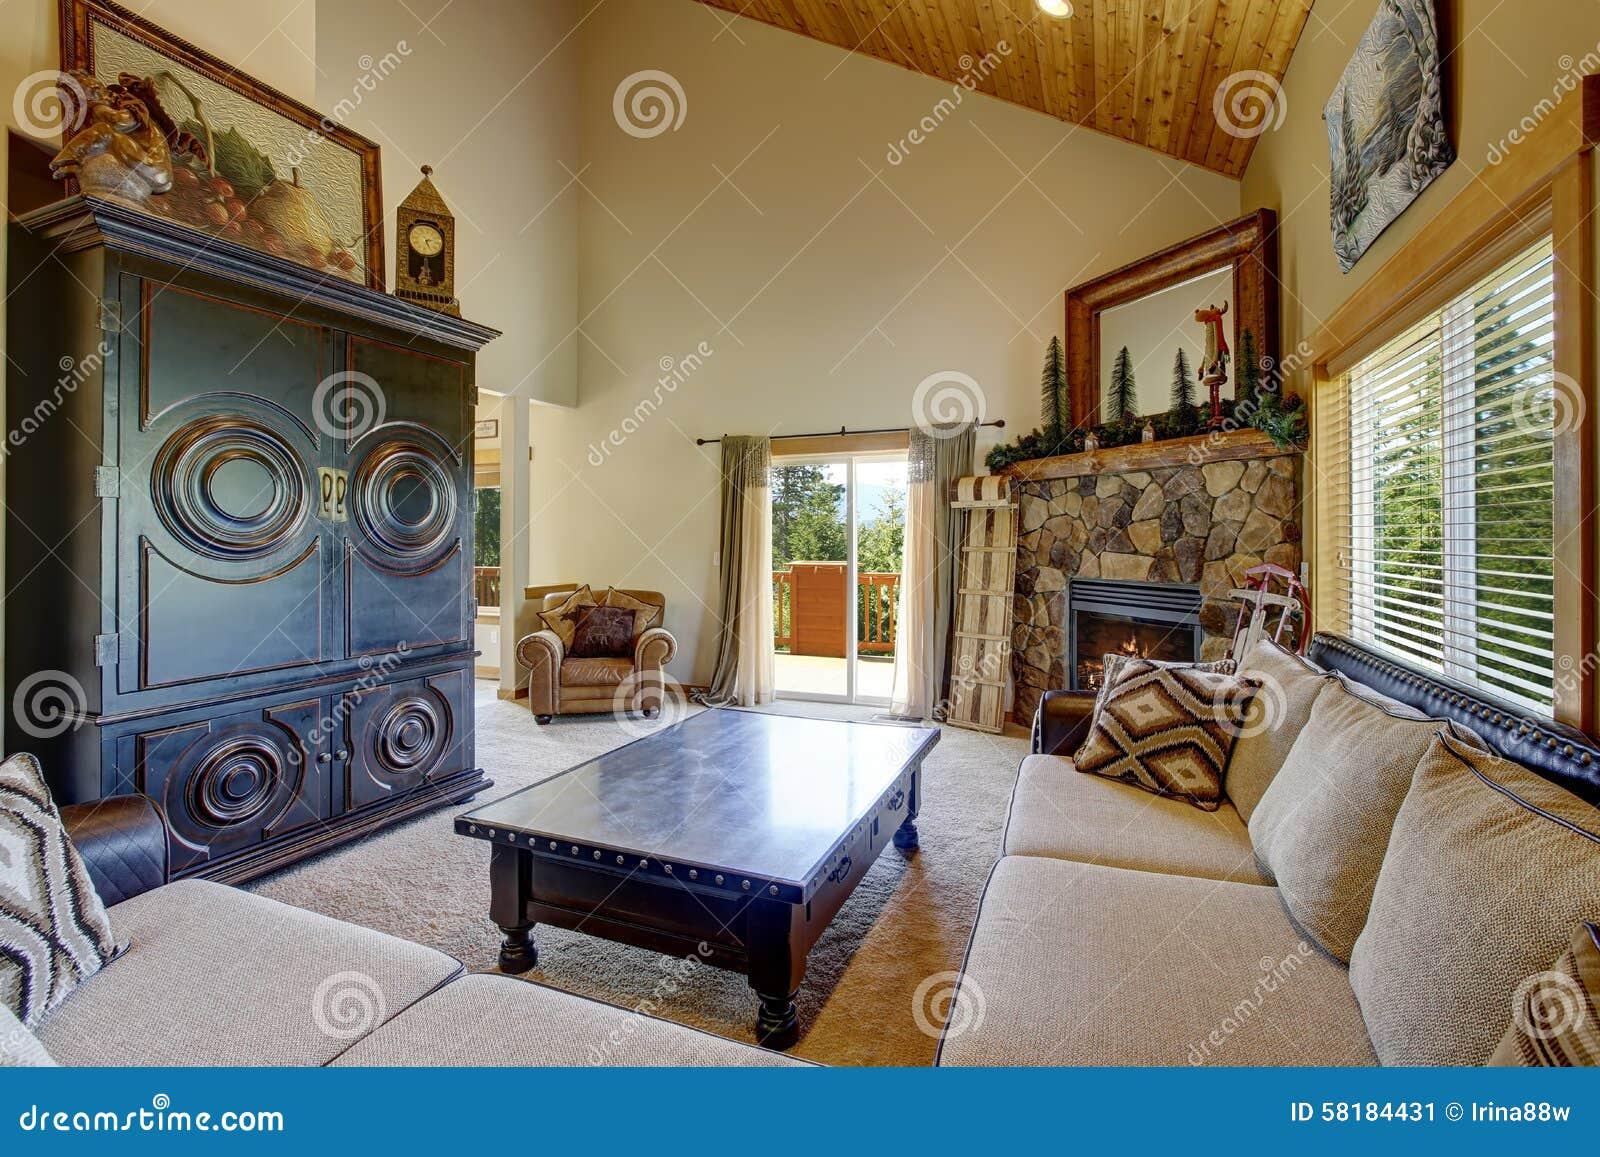 Decorazioni Casa In Montagna : Decorazione di stile della montagna nel salone moderno di giorno